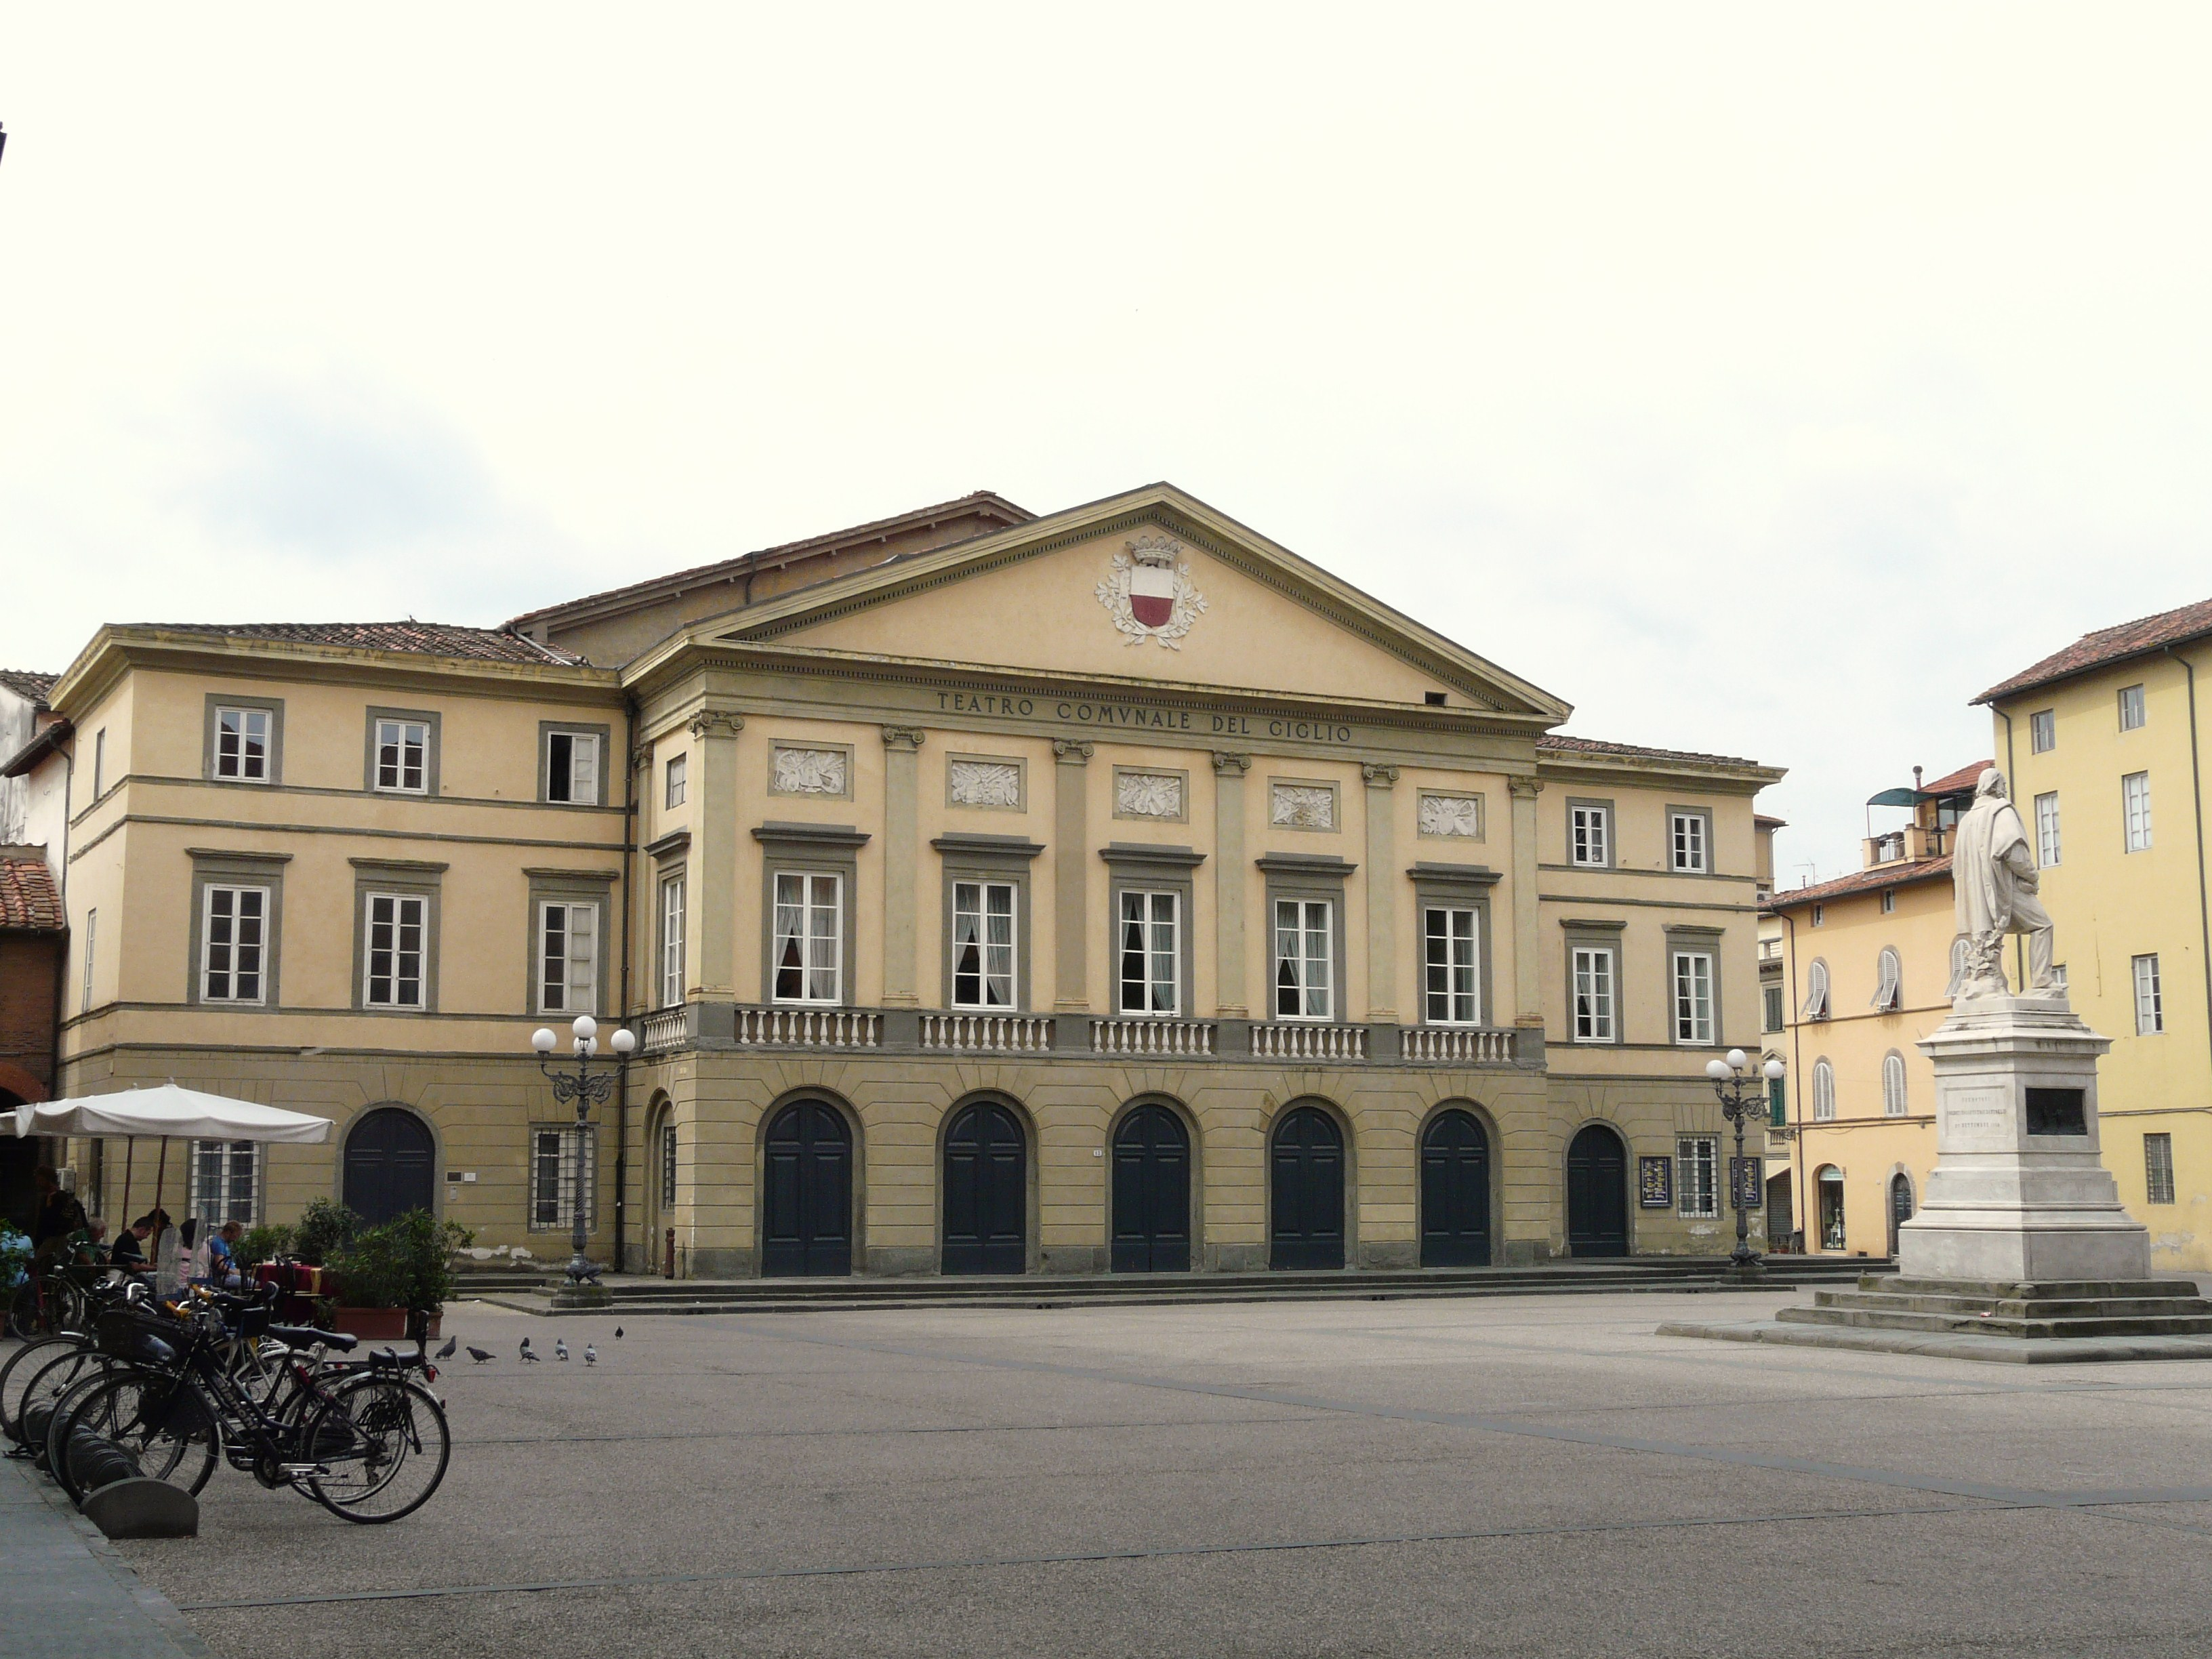 Teatro del Giglio - Wikipedia